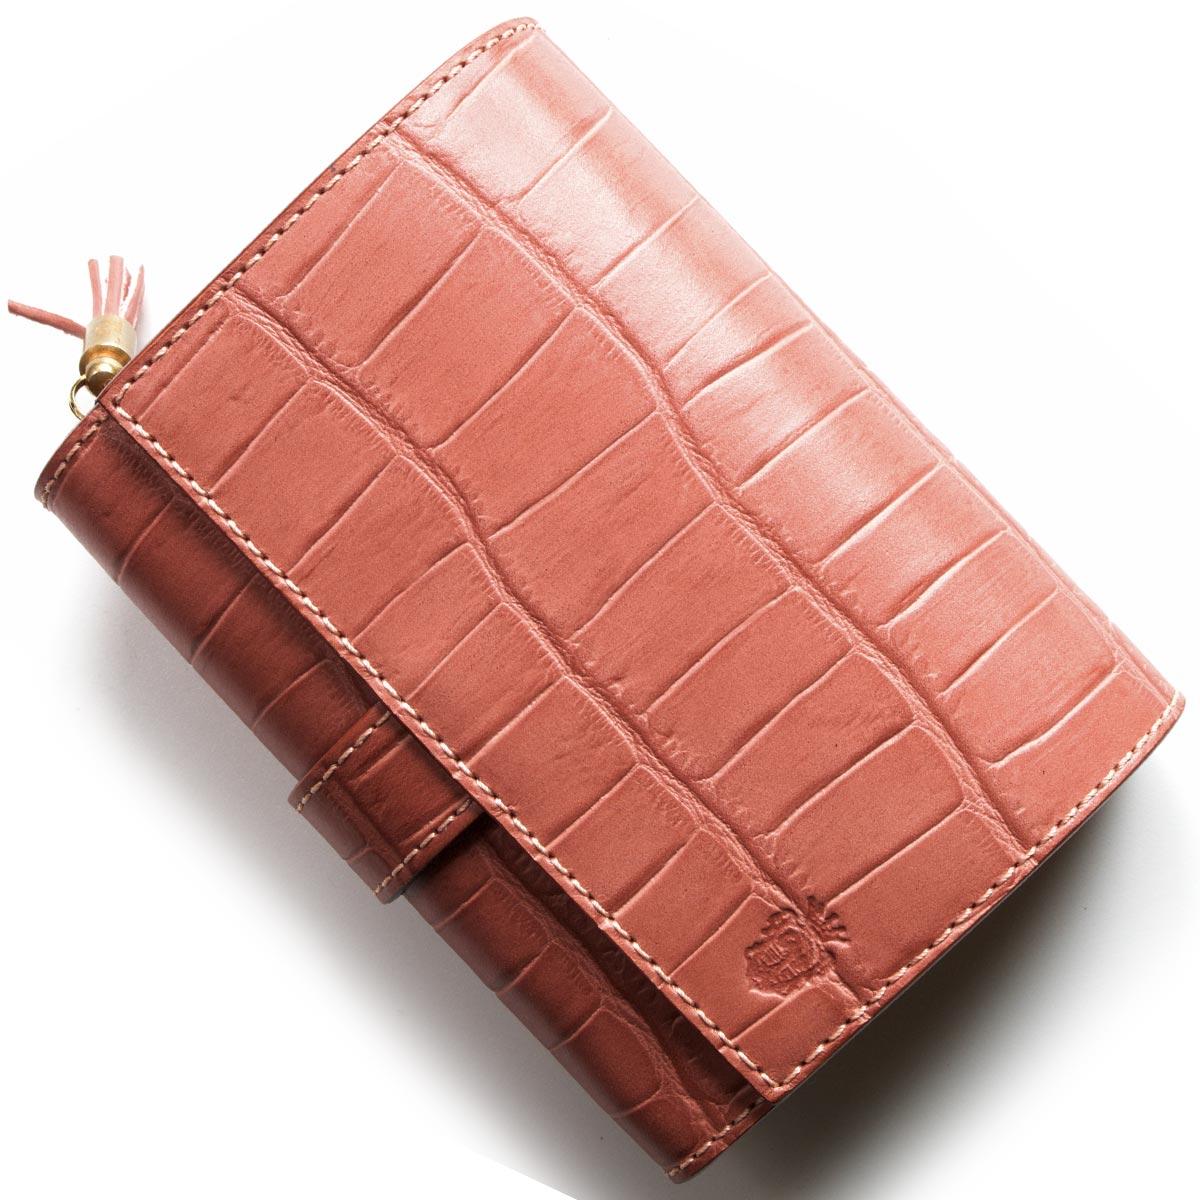 フェリージ 二つ折り財布 財布 レディース クロコ型押し ローザアンティークピンク 3500 SA 0019 FELISI